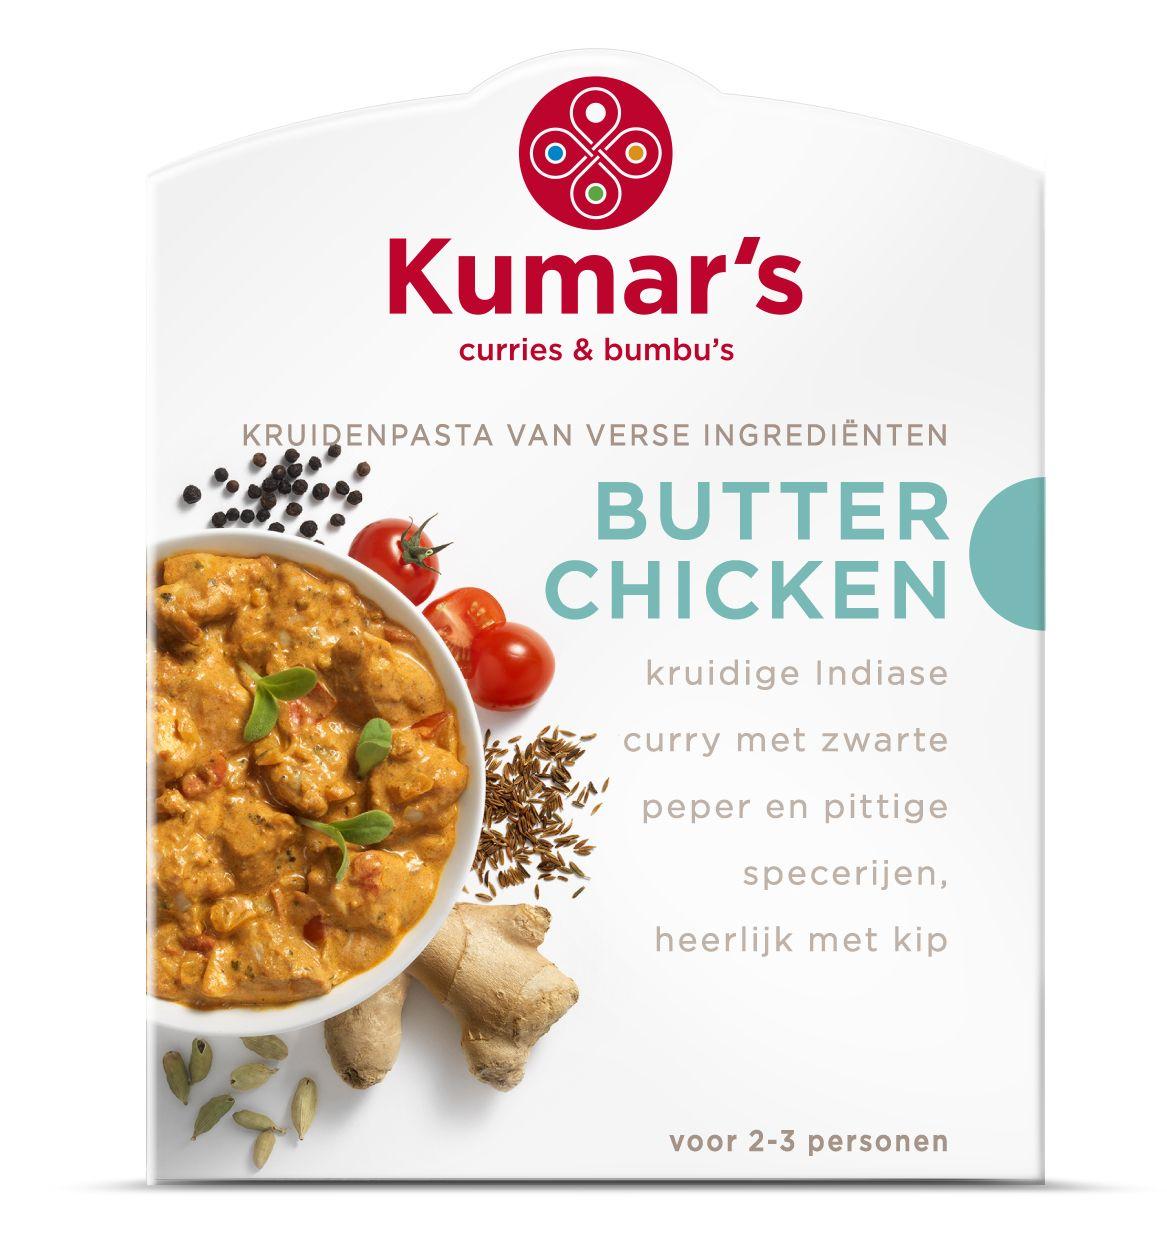 Butter Chicken: een romige Indiase curry met komijn, fenegriekblaadjes, pure ghee (geklaarde boter) en cashewnoten. Een heerlijke, zachte curry om te combineren met kip.